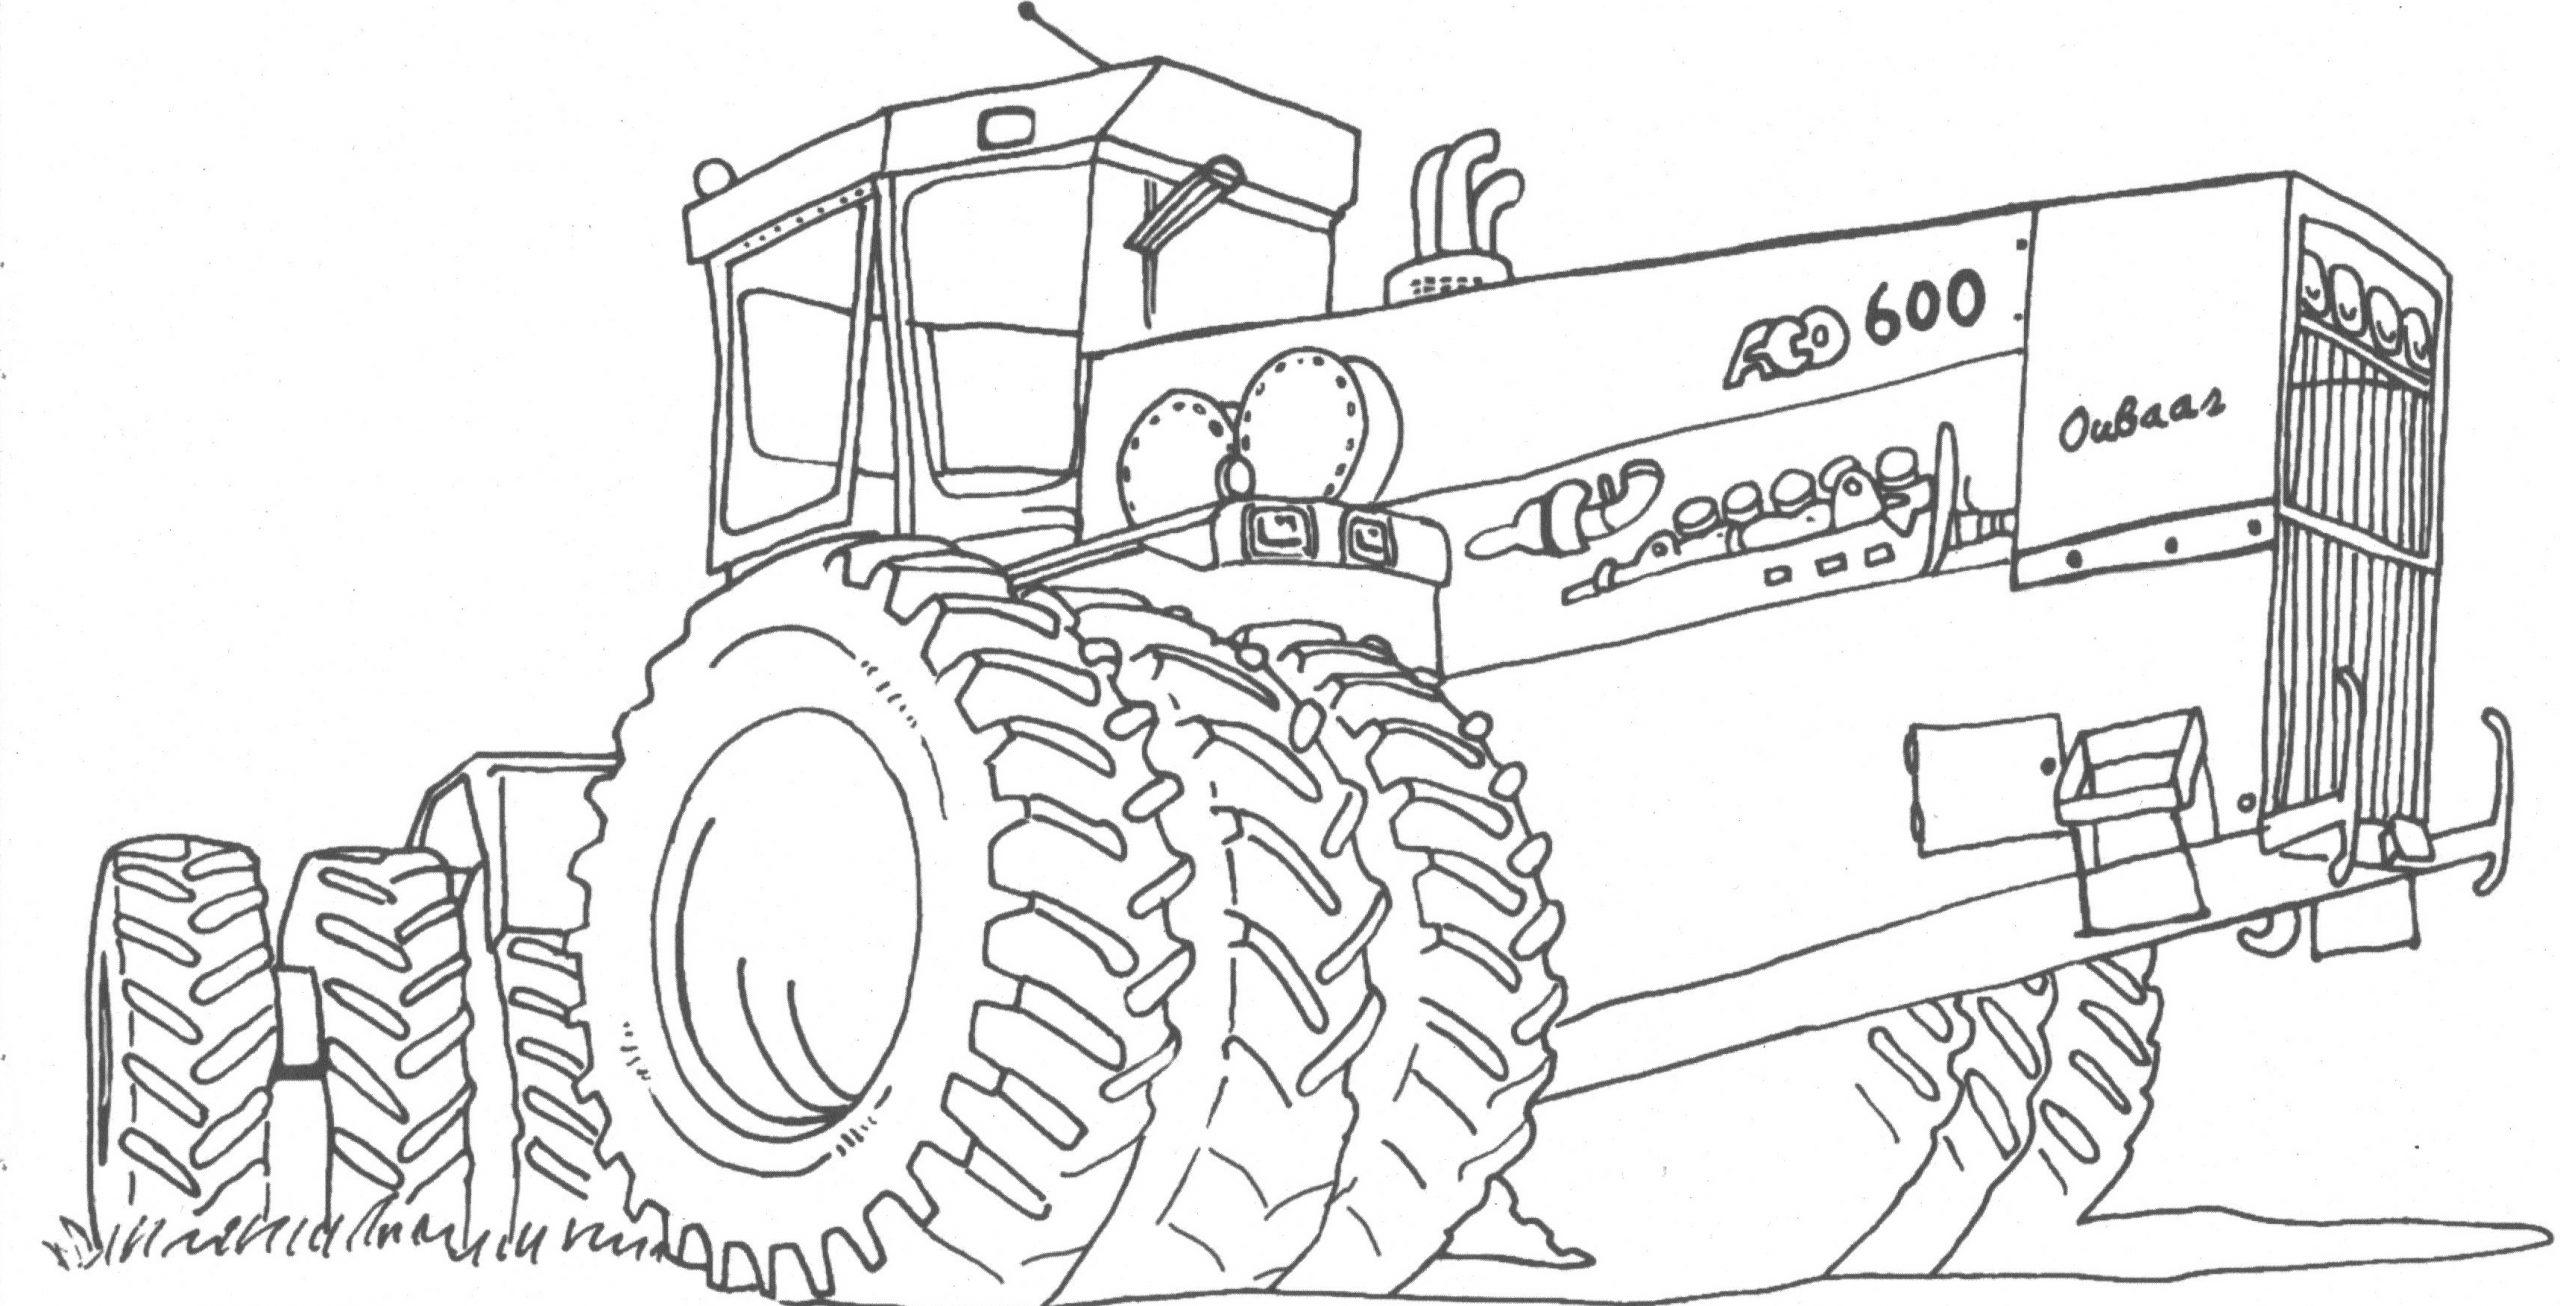 Dessins Gratuits À Colorier - Coloriage Tracteur À Imprimer concernant Dessin Animé De Tracteur John Deere